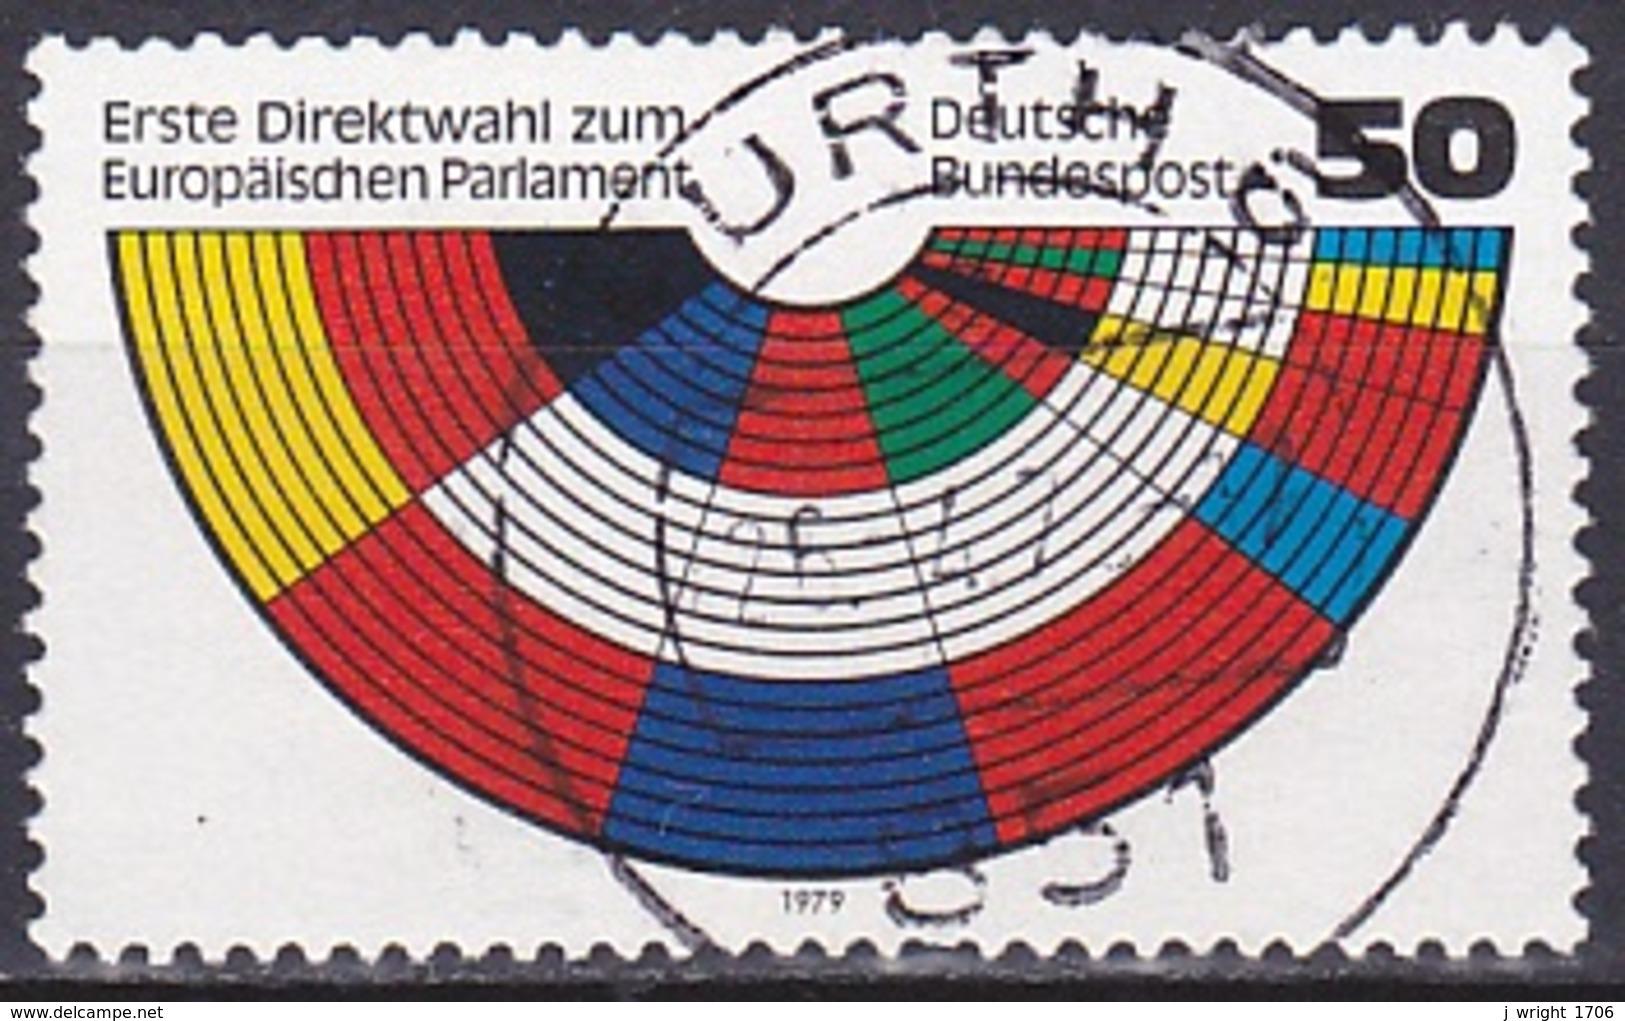 FRG/1979 - Mi 1002 - 50 Pf - USED/'FÜRTH 6' - [7] Federal Republic